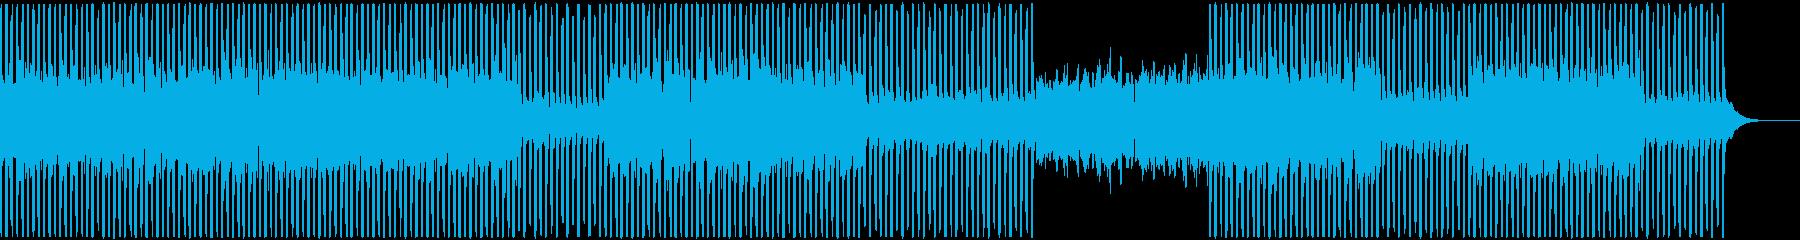 幻想的な雰囲気のミニマルテクノの再生済みの波形